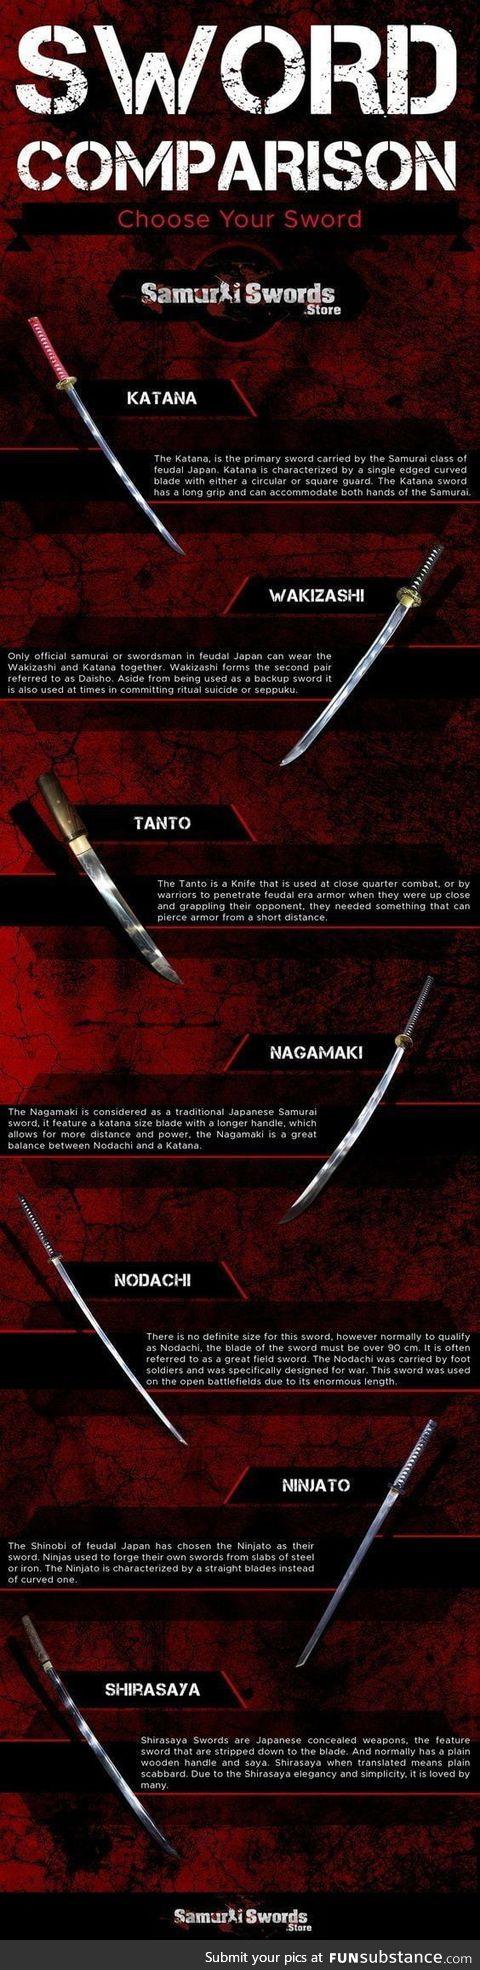 Sword comparison